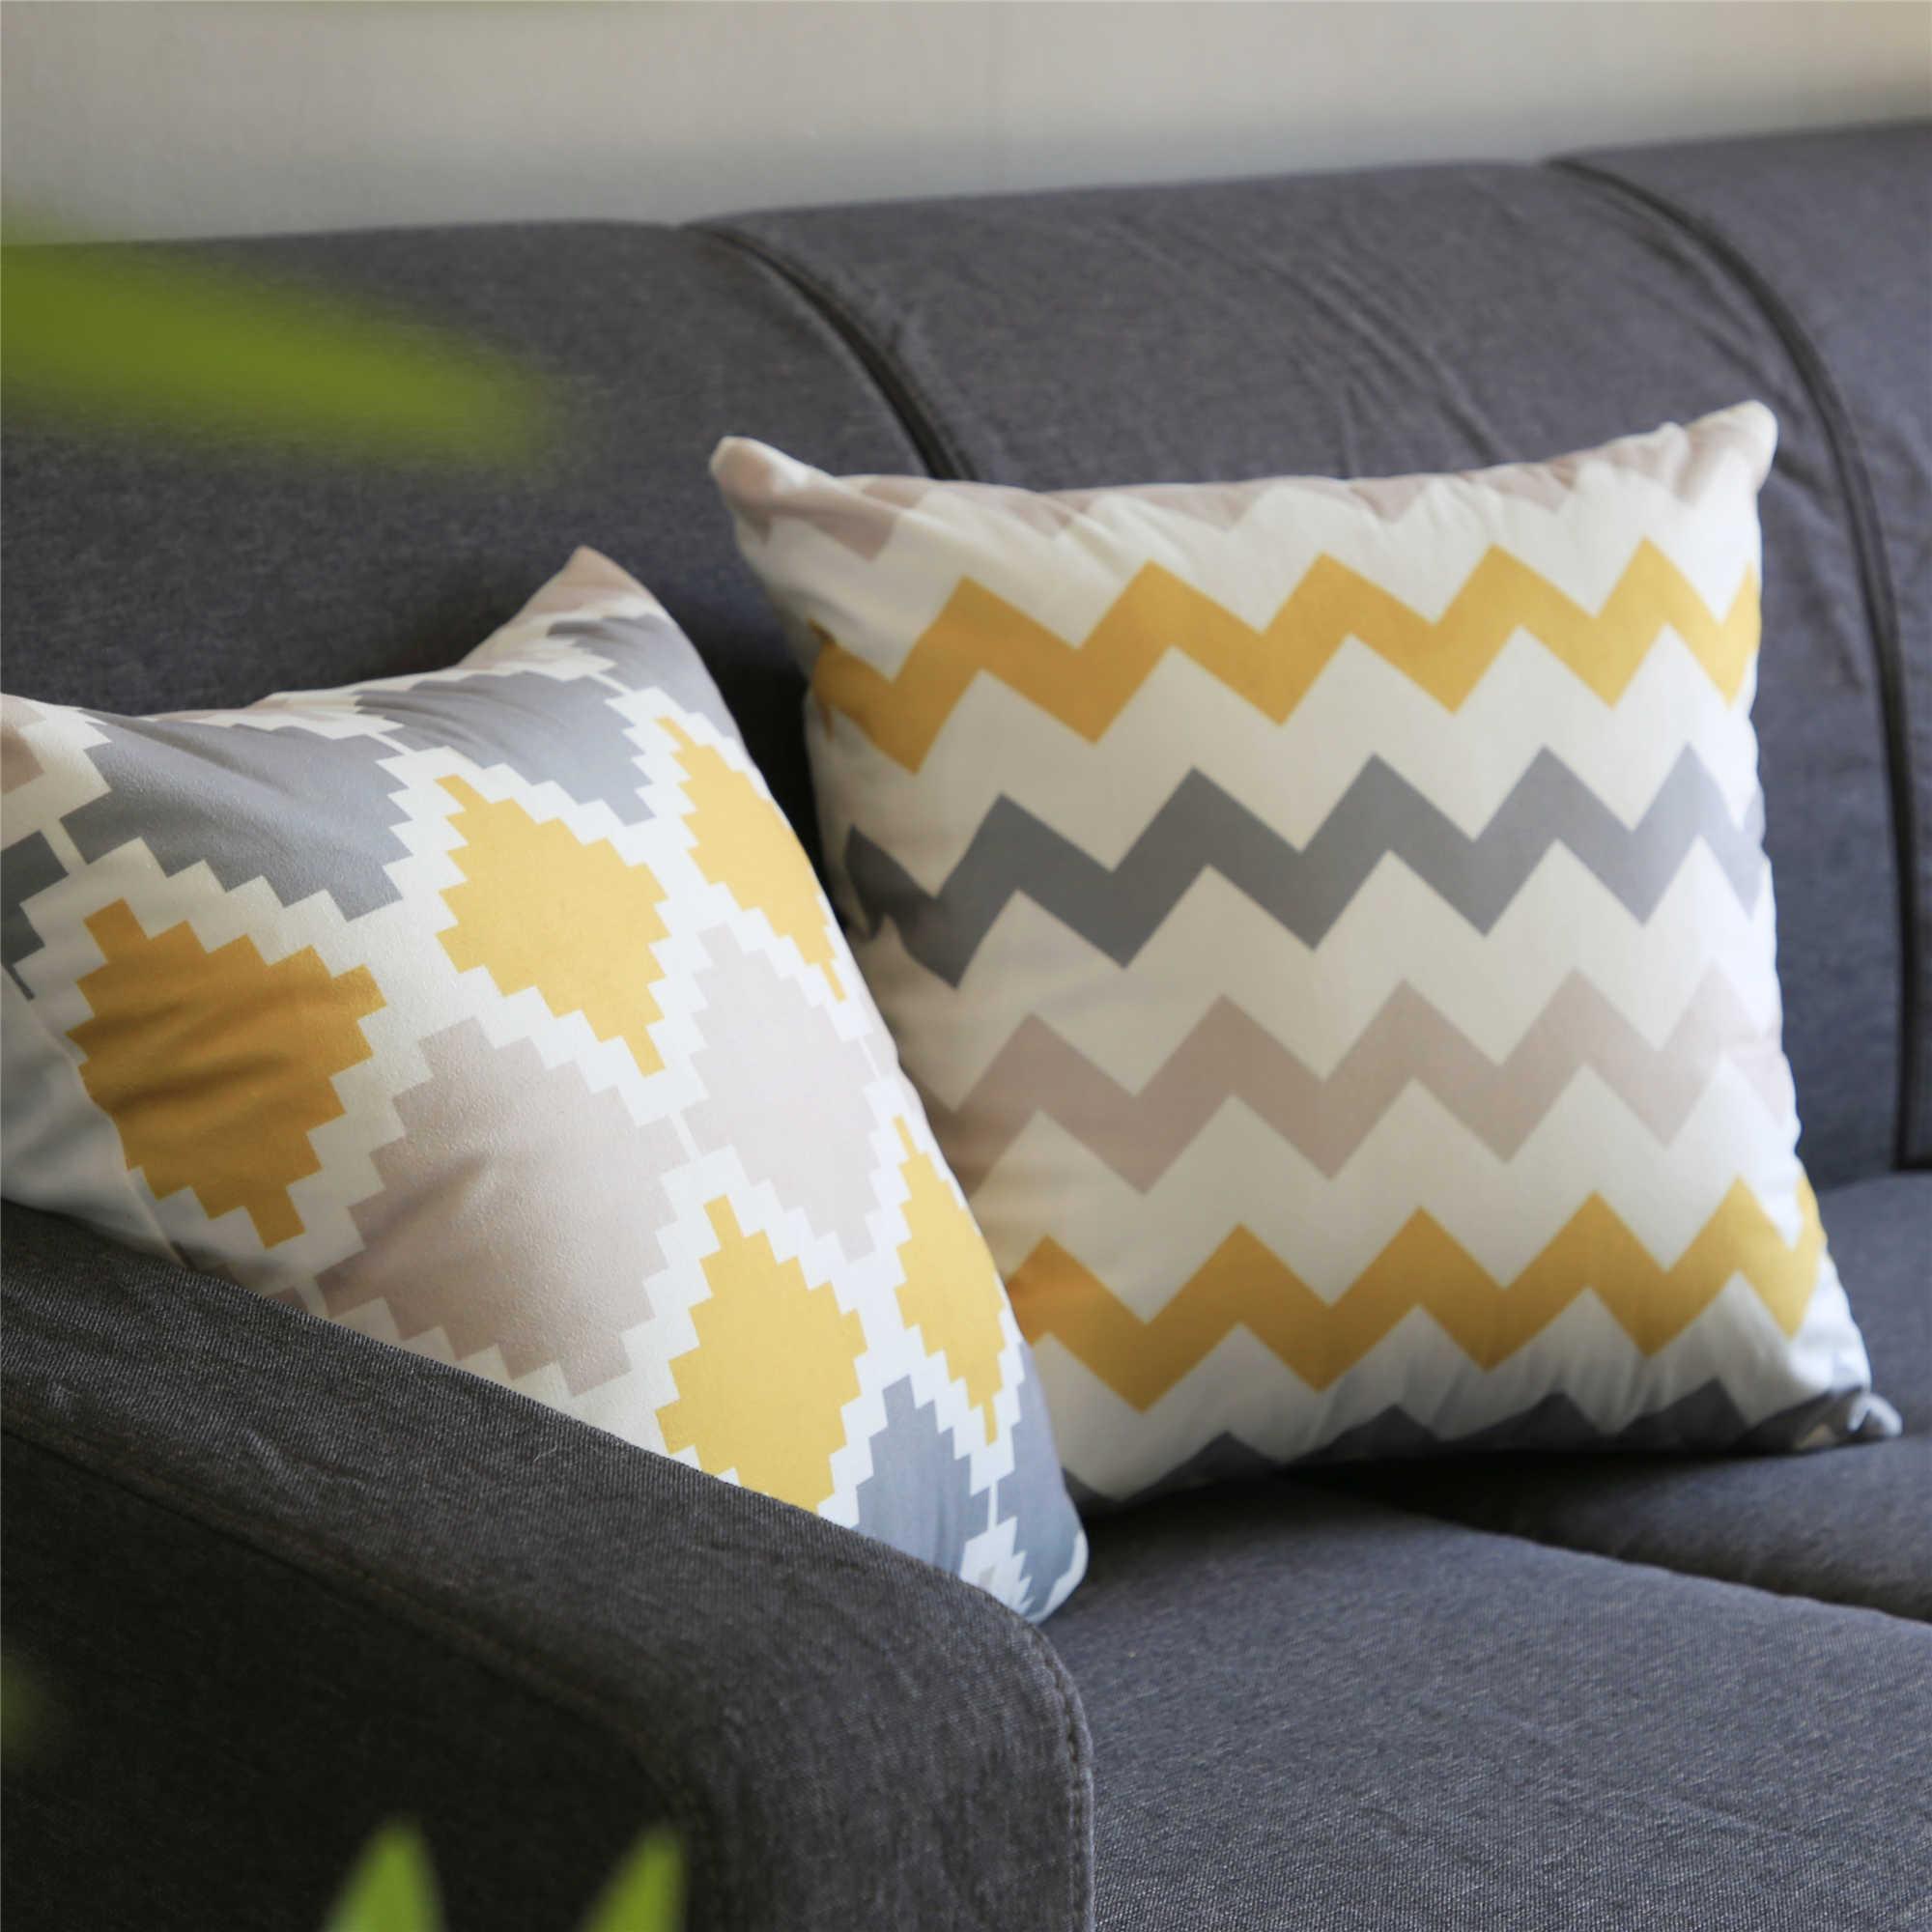 Cinza e Amarelo Geométrica Nórdico Topfinel Microfibra Capa de Almofada Throw Pillow Caso Capa de Almofada Almofada Do Sofá Cama Travesseiro Decorativo